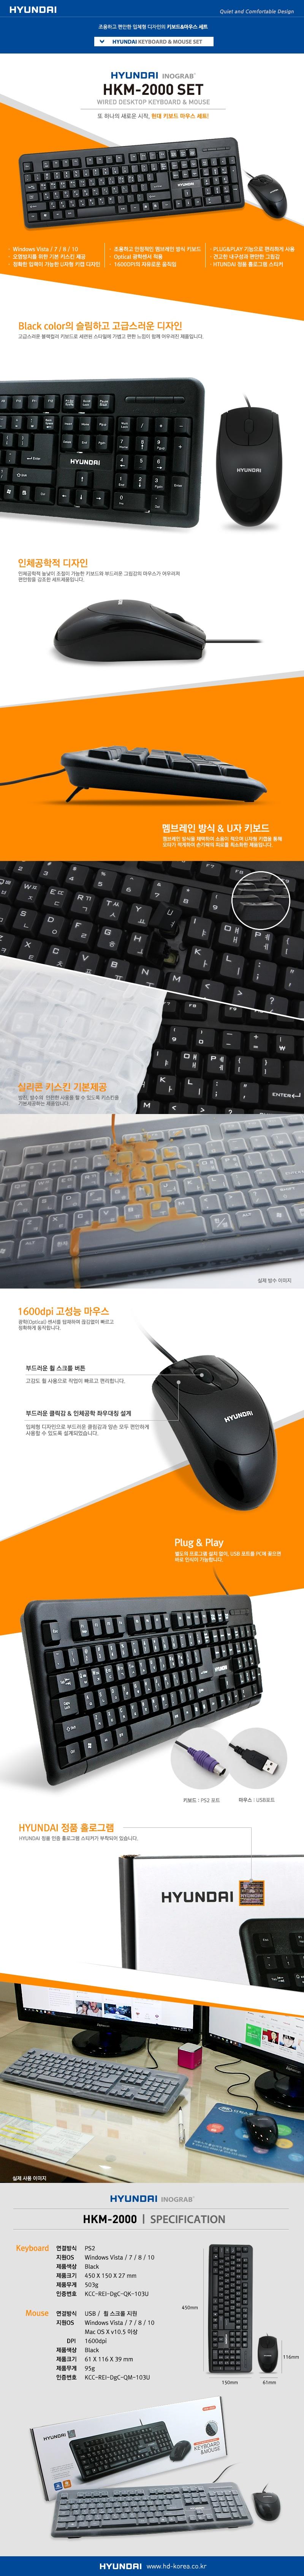 INOGRAB_HKM-2000(PS2)_set_detail_800.jpg